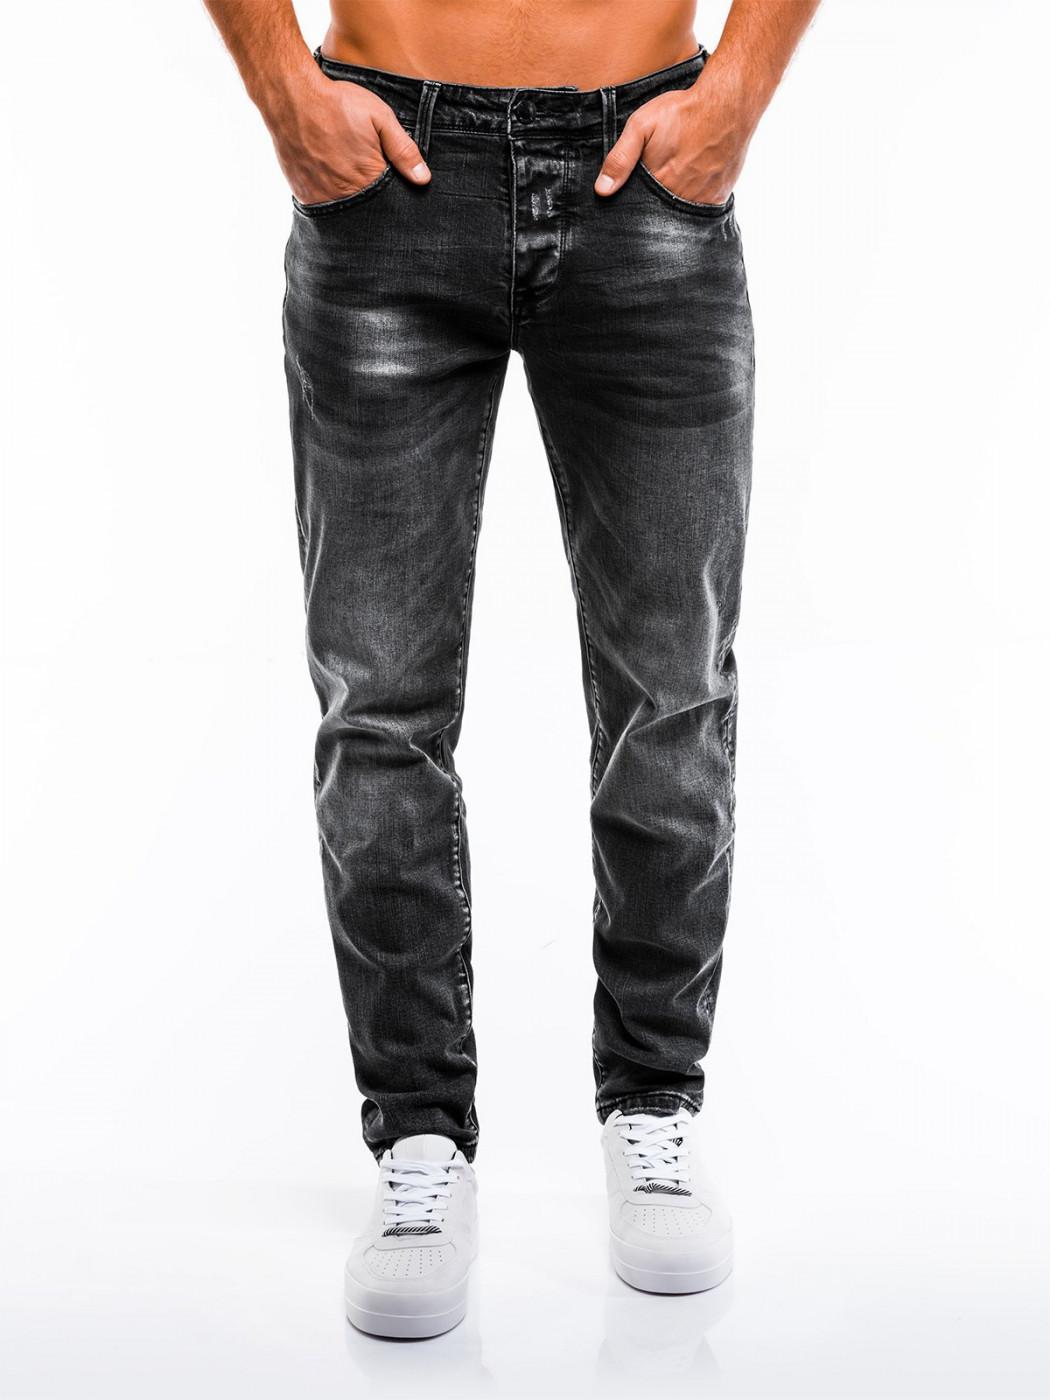 Men's jeans Ombre P858